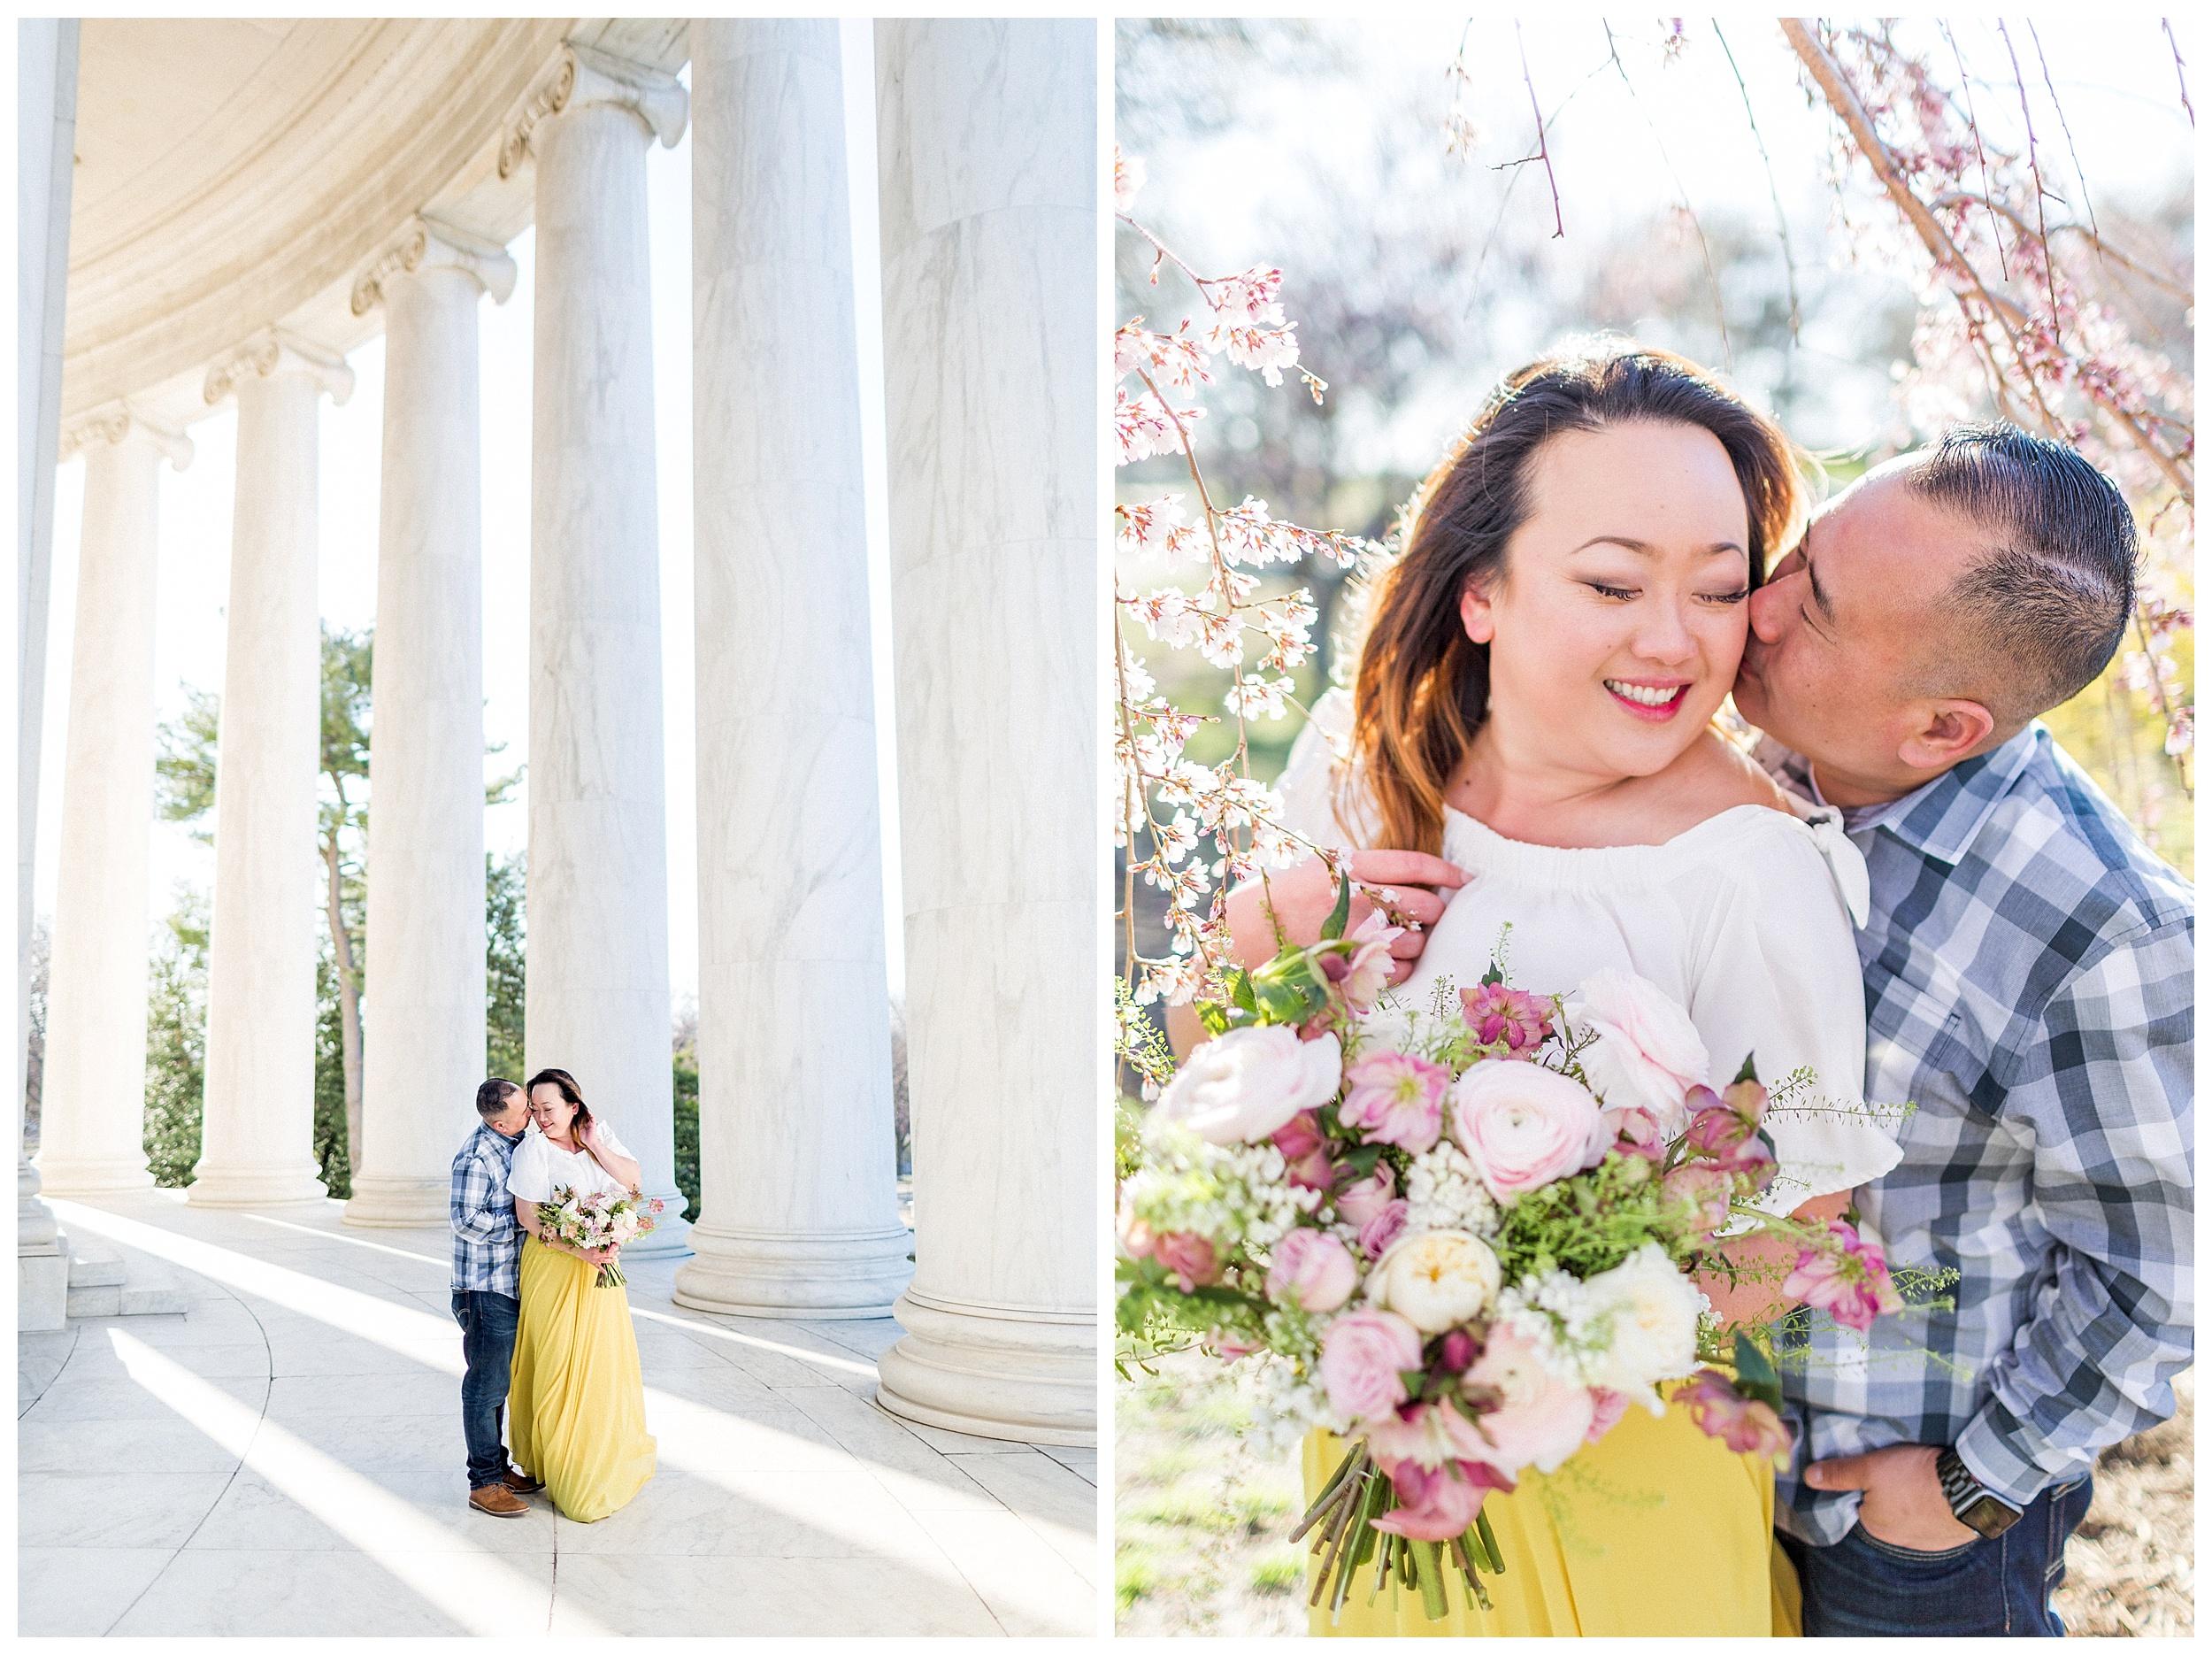 Washington DC Engagement Photos | Thomas Jefferson Engagement Session_0043.jpg